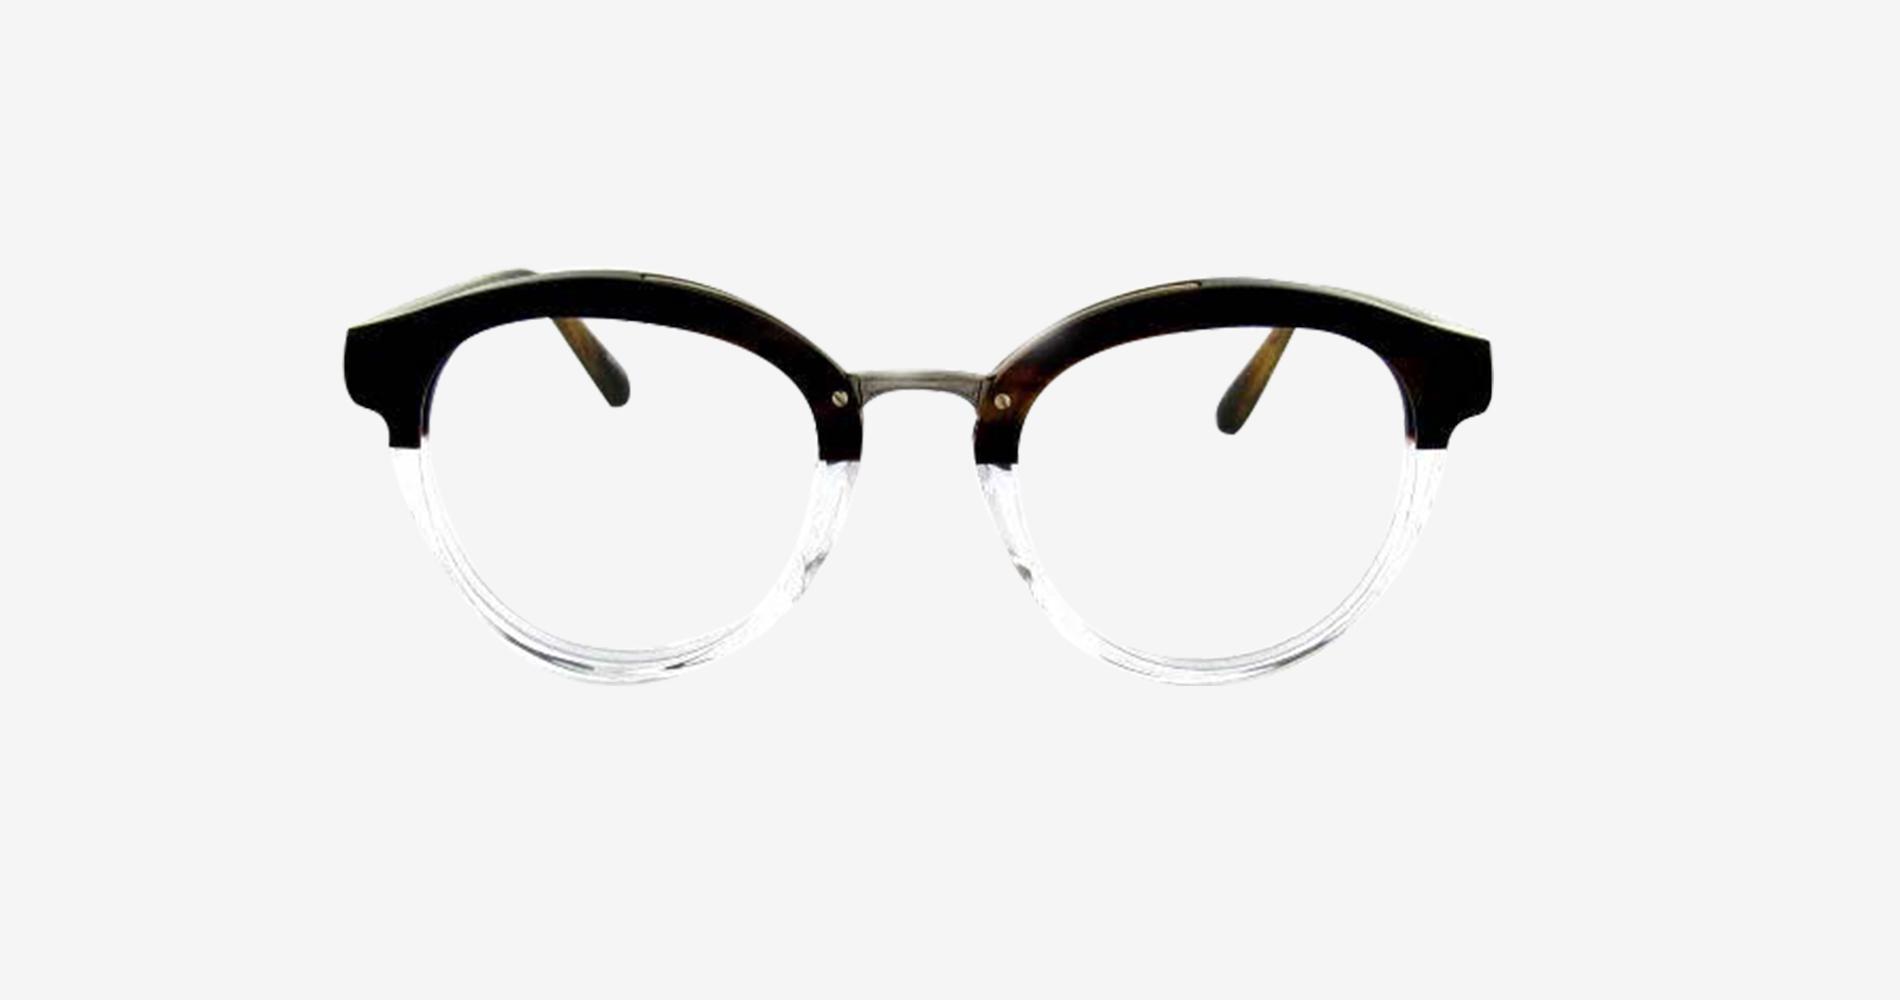 Mes nouvelles lunettes, j'en suis vraiment fan